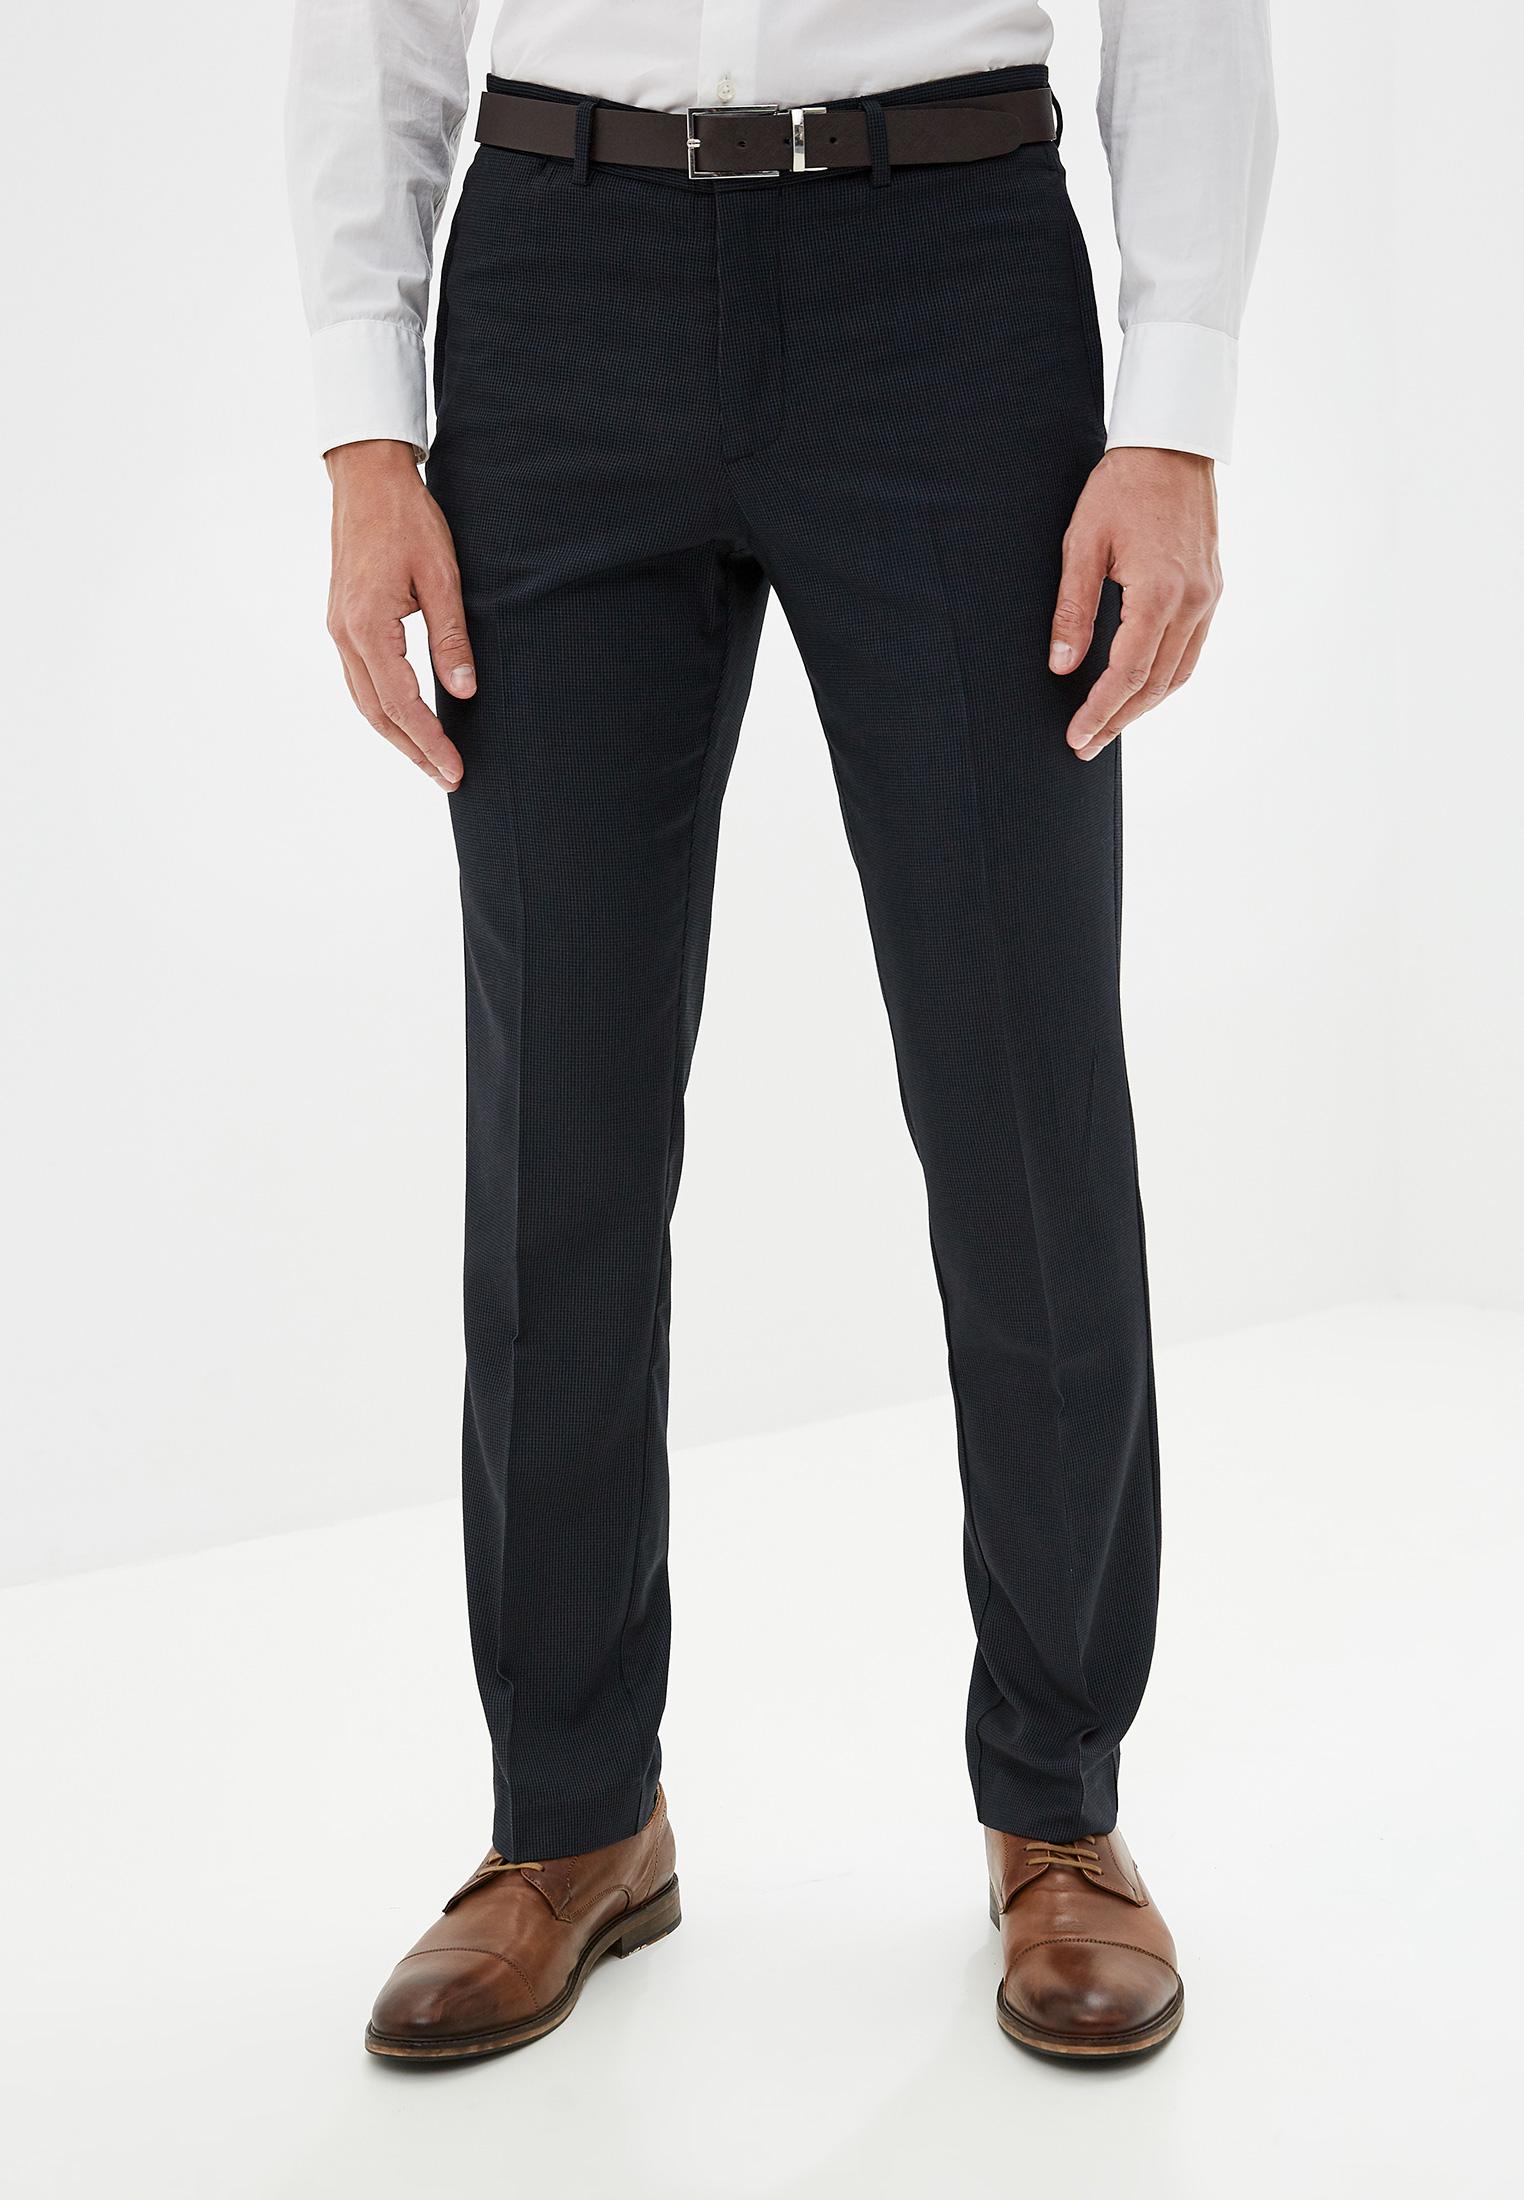 Мужские классические брюки O'stin MP9V51